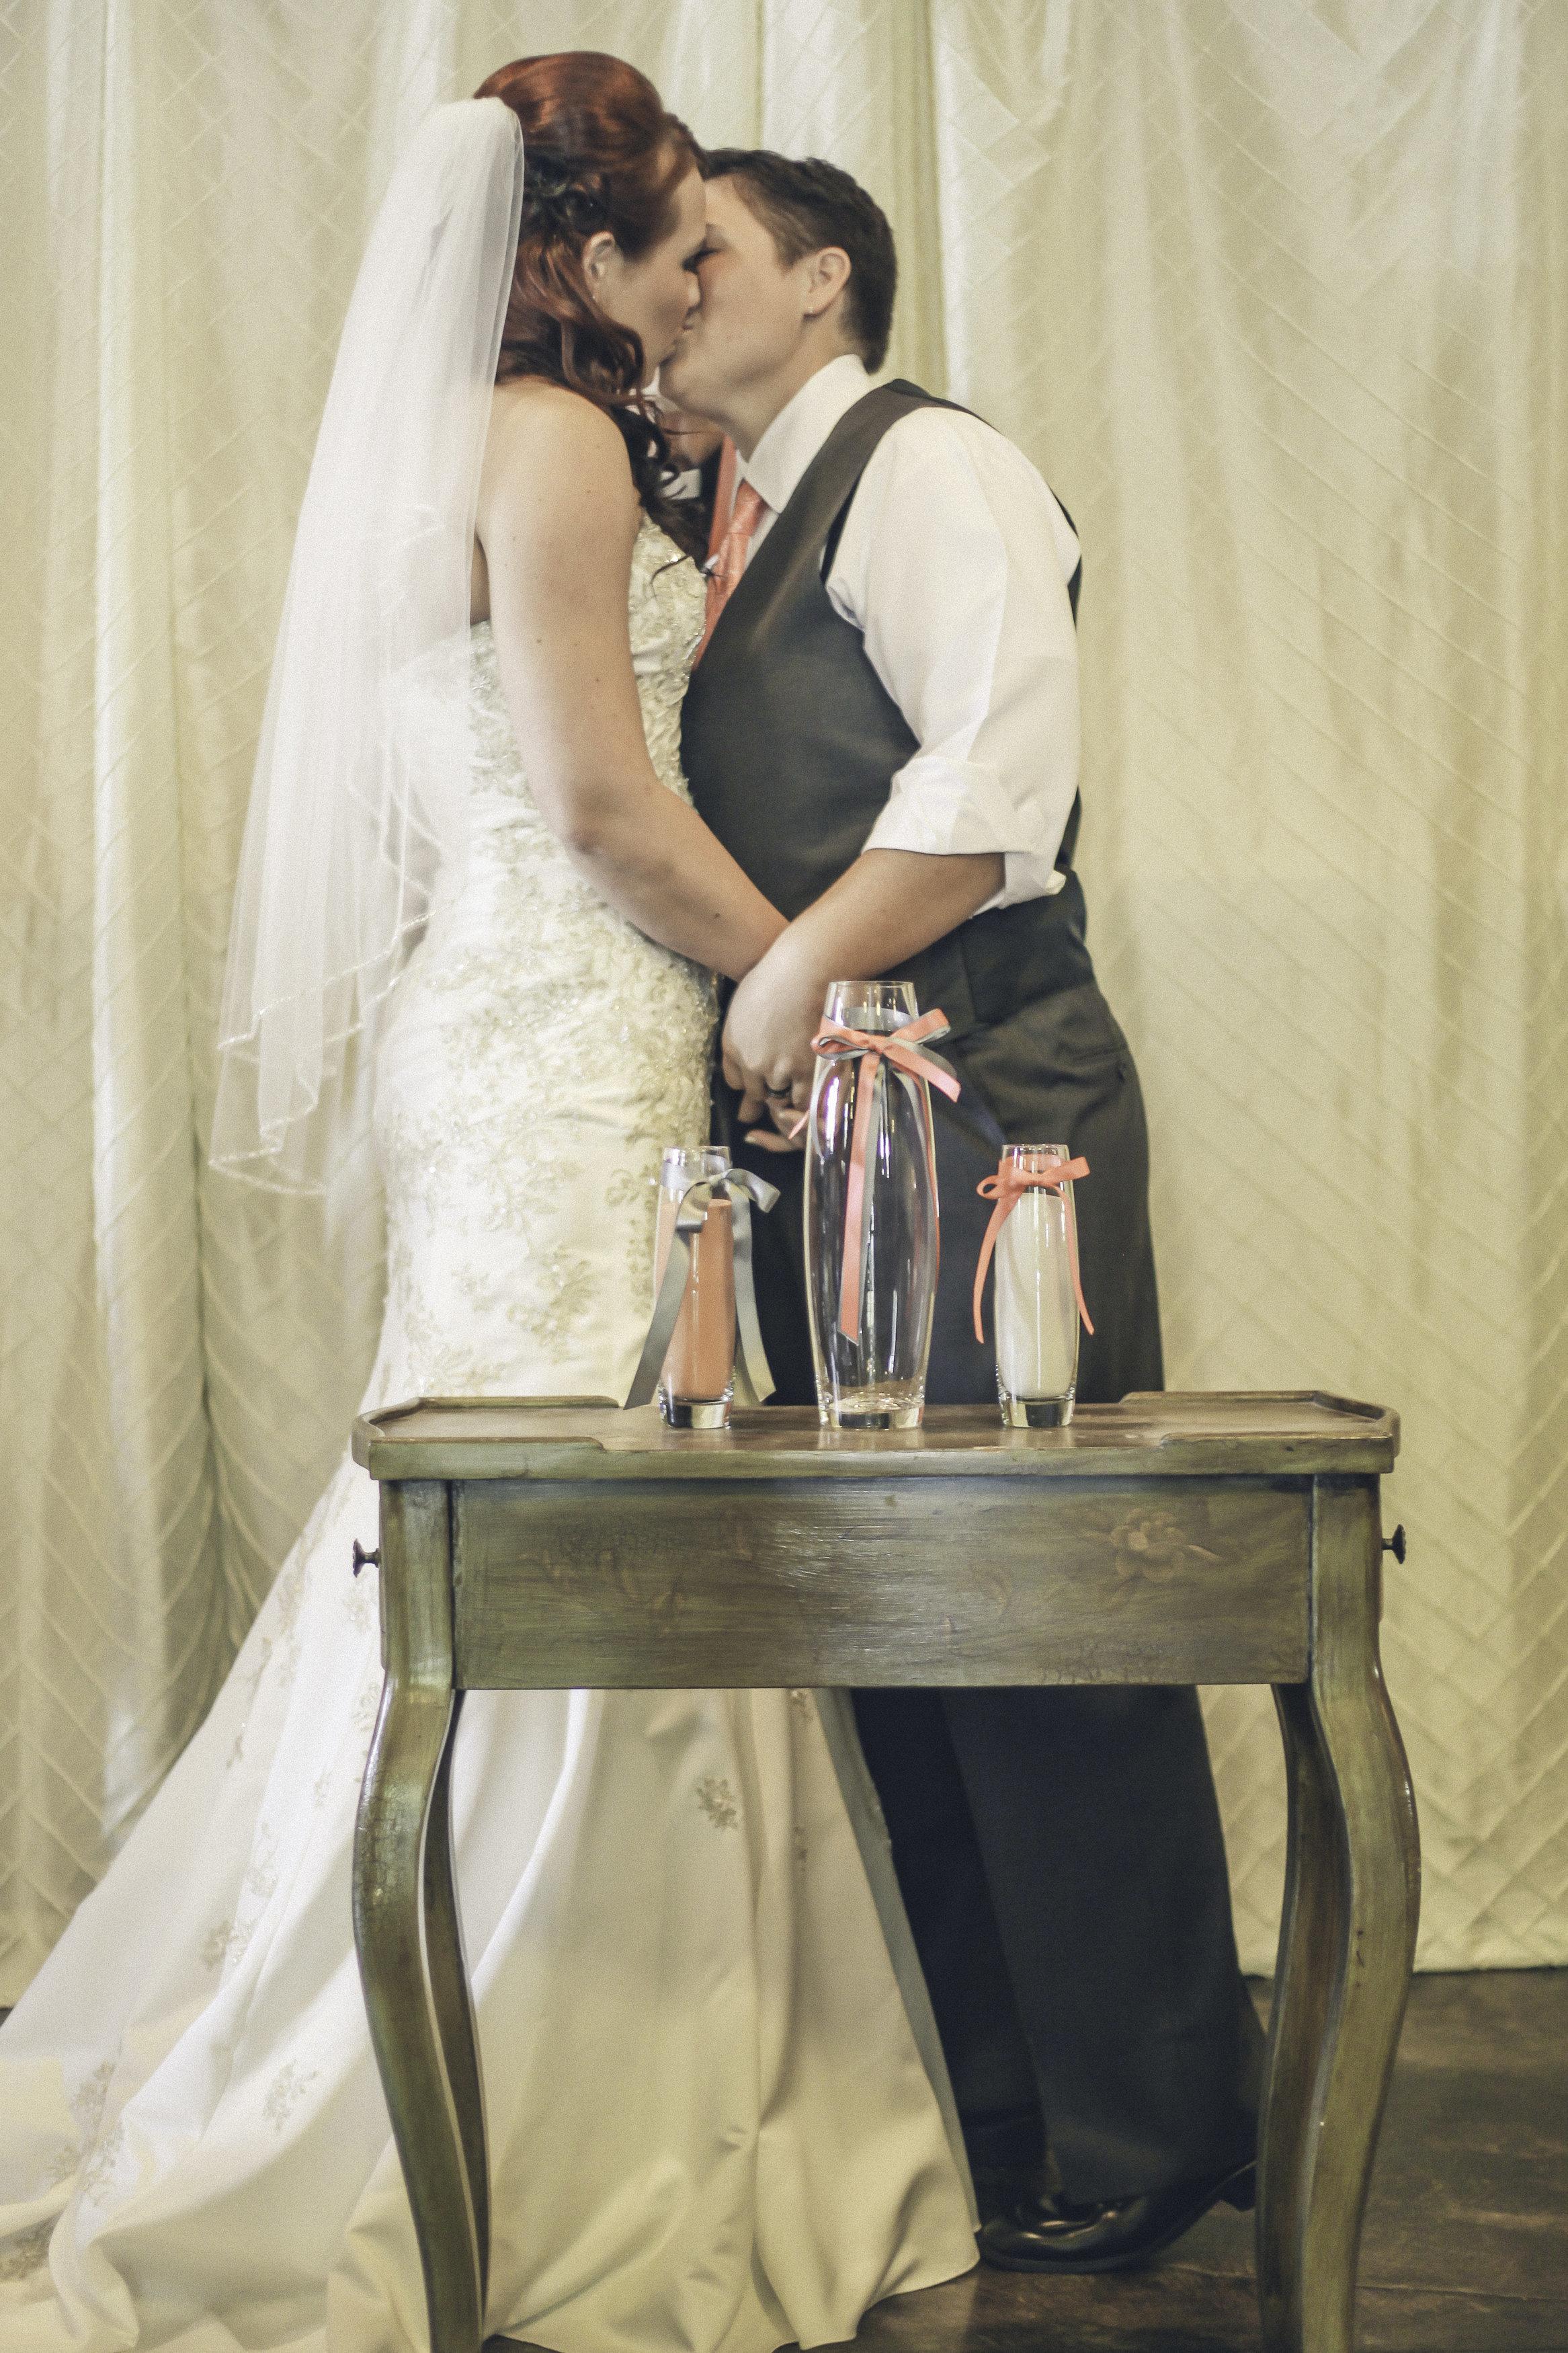 Devon Sara Married-Devon Sara-0159.jpg